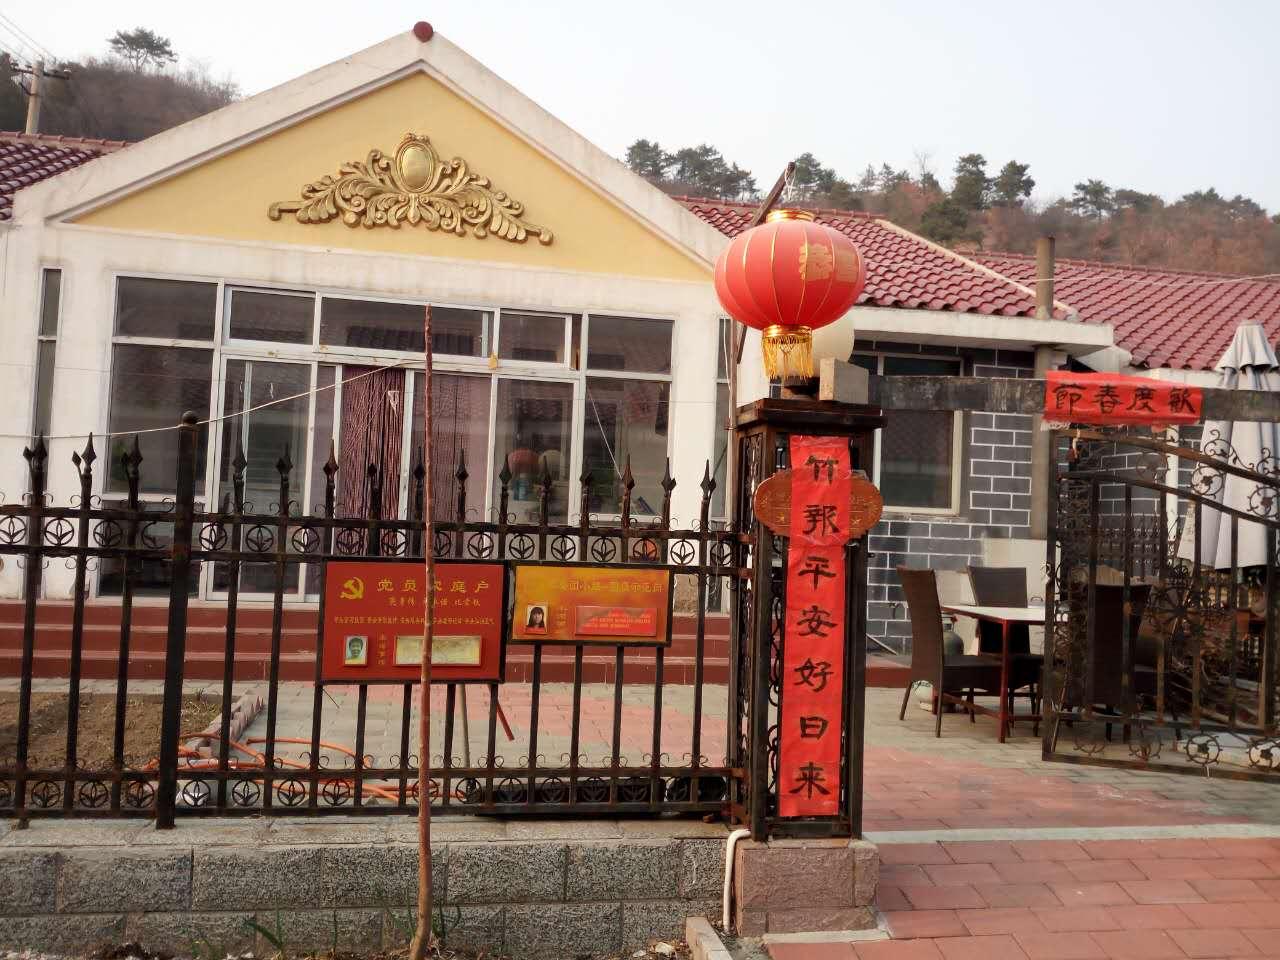 北京市密云县不老屯镇史庄子村闲置农房